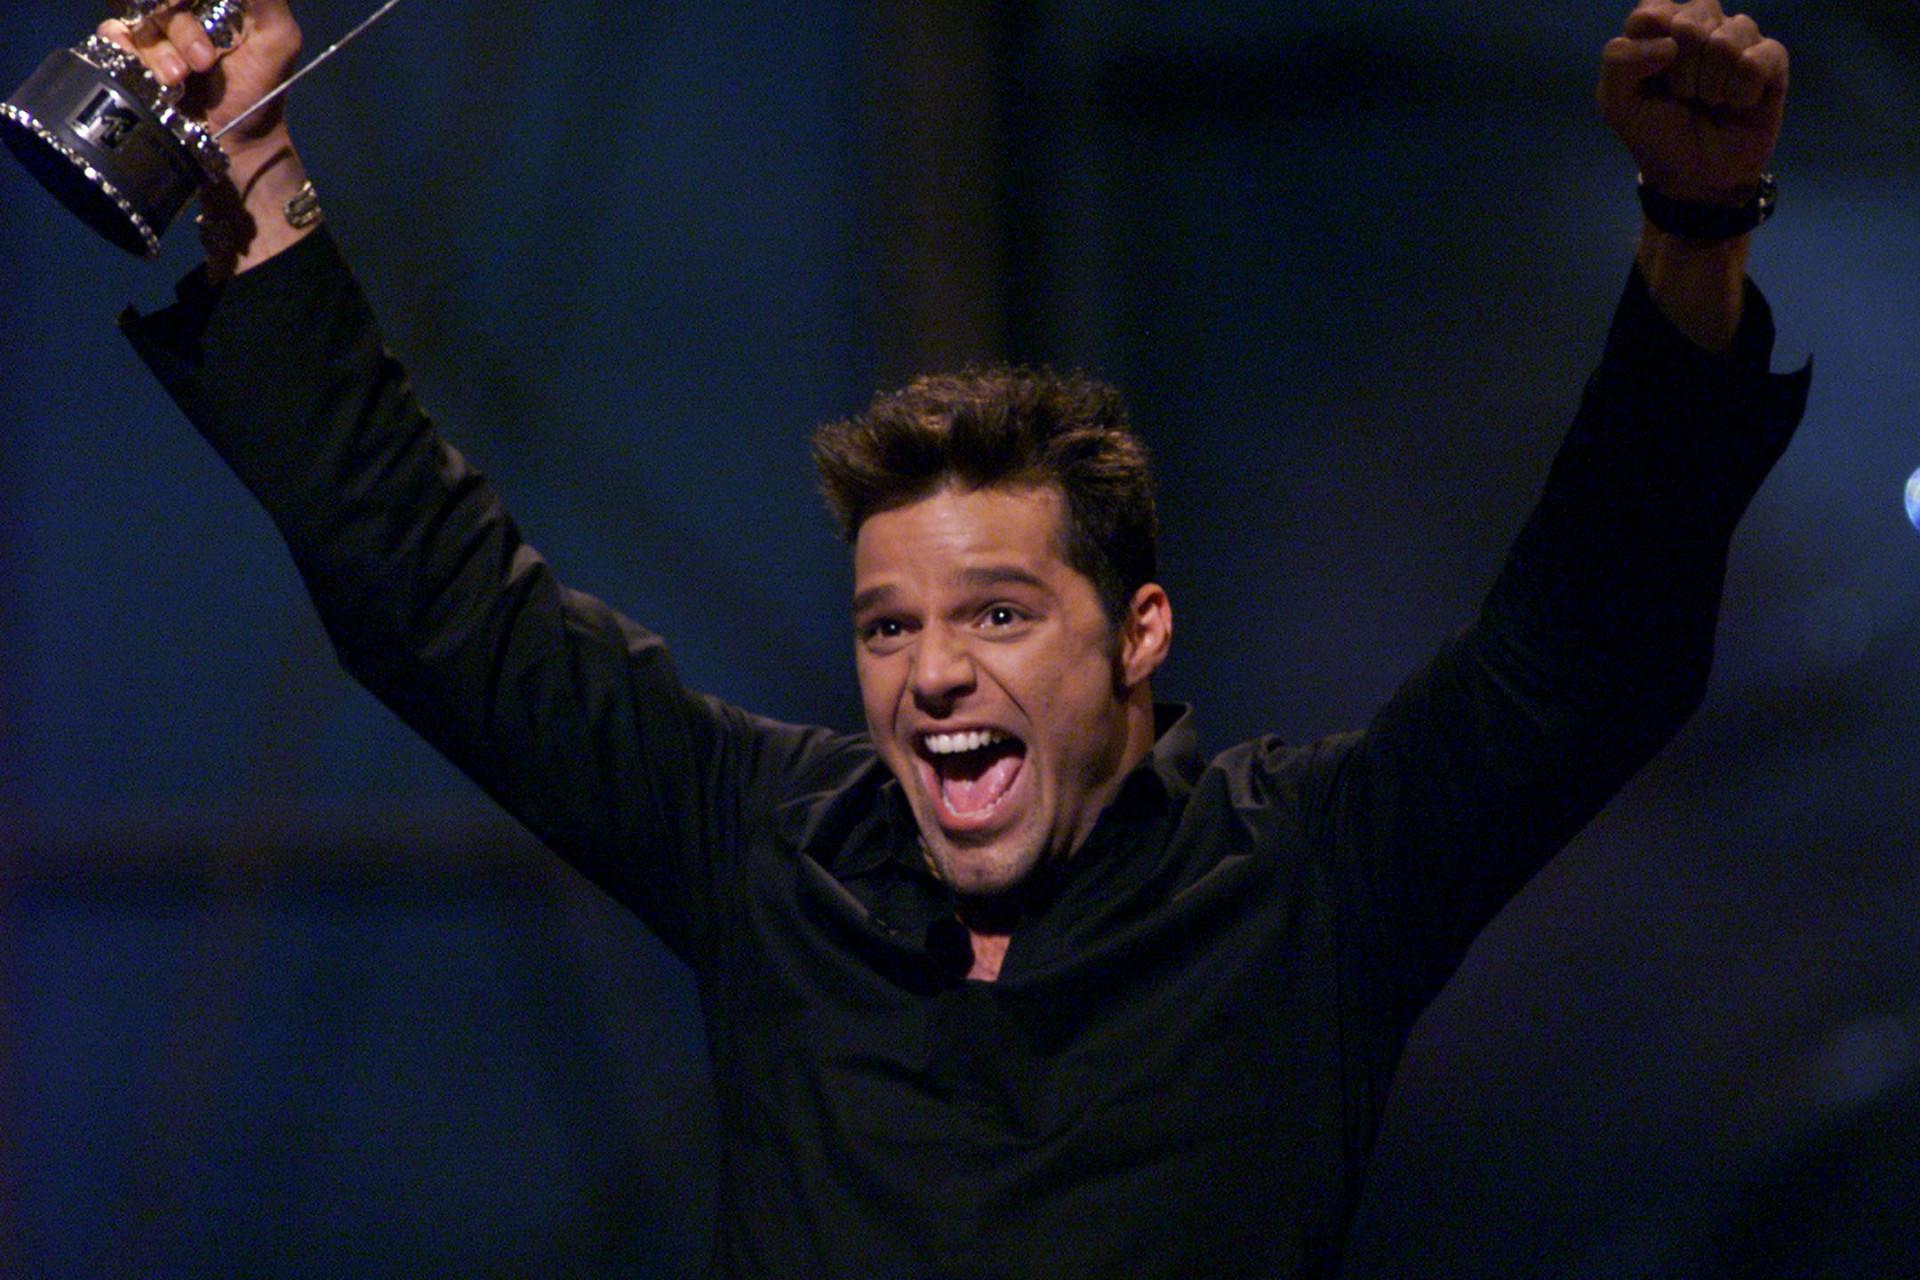 Após anunciar casamento, Ricky Martin mostra sua casa e família